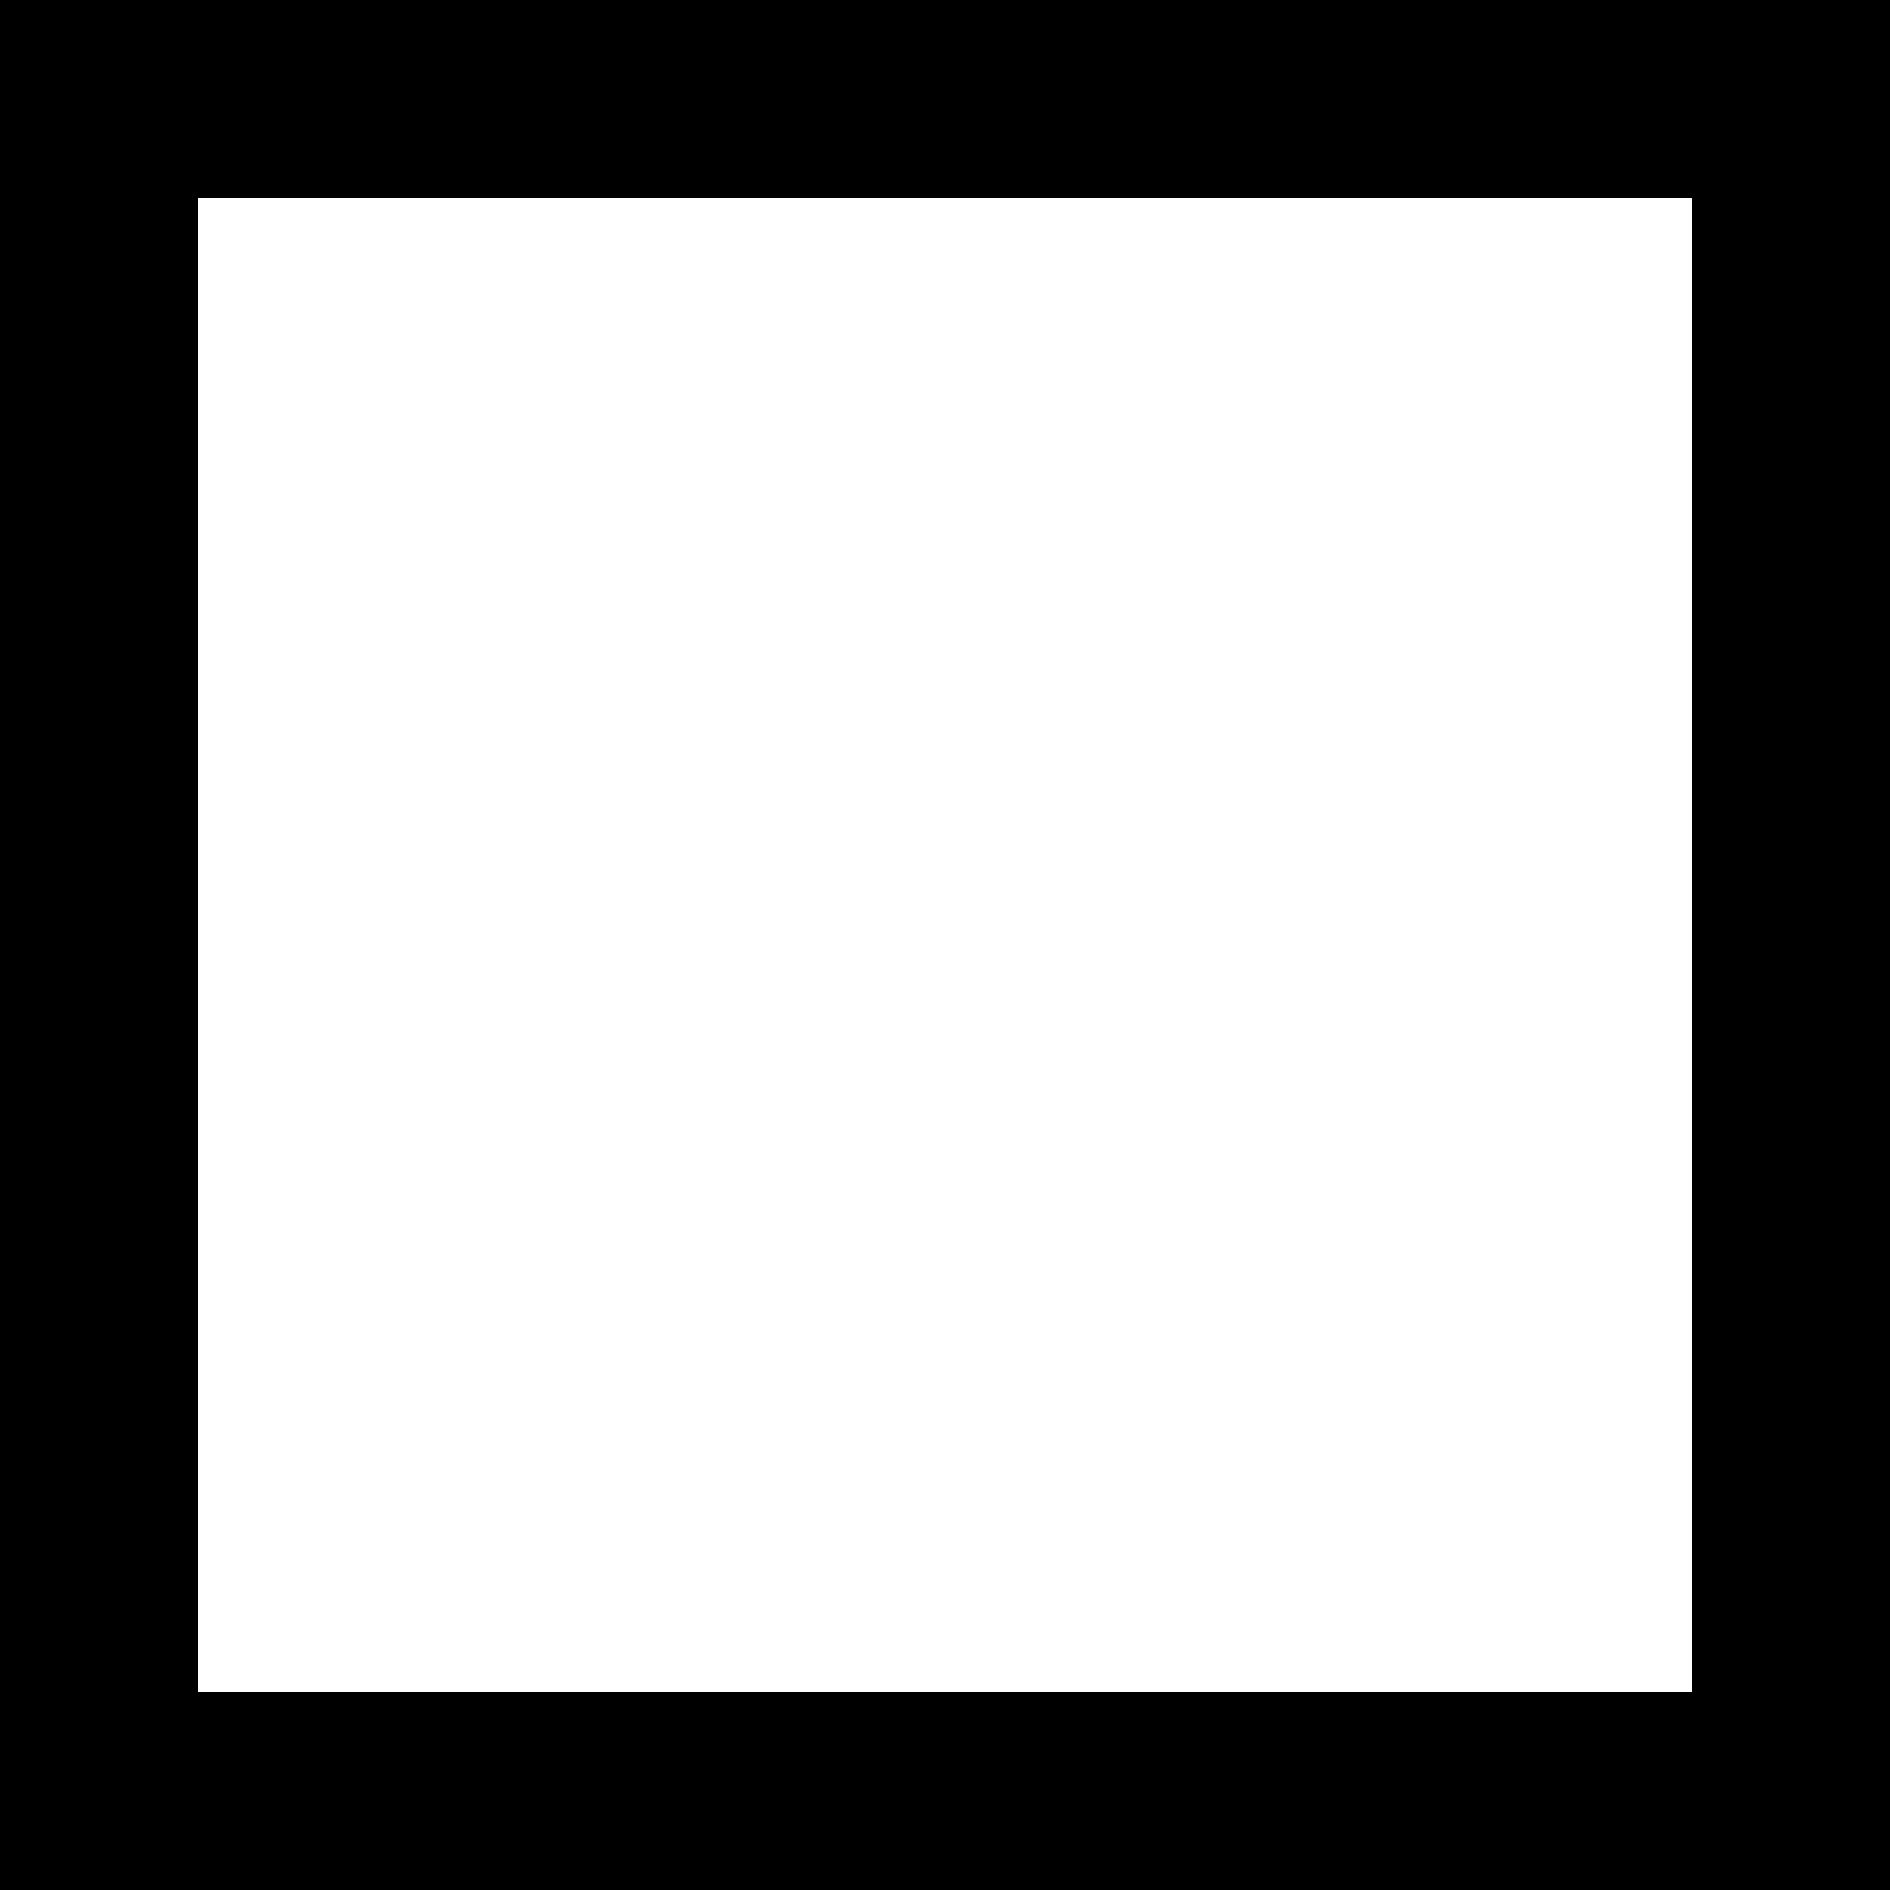 White Circle png Free Download.